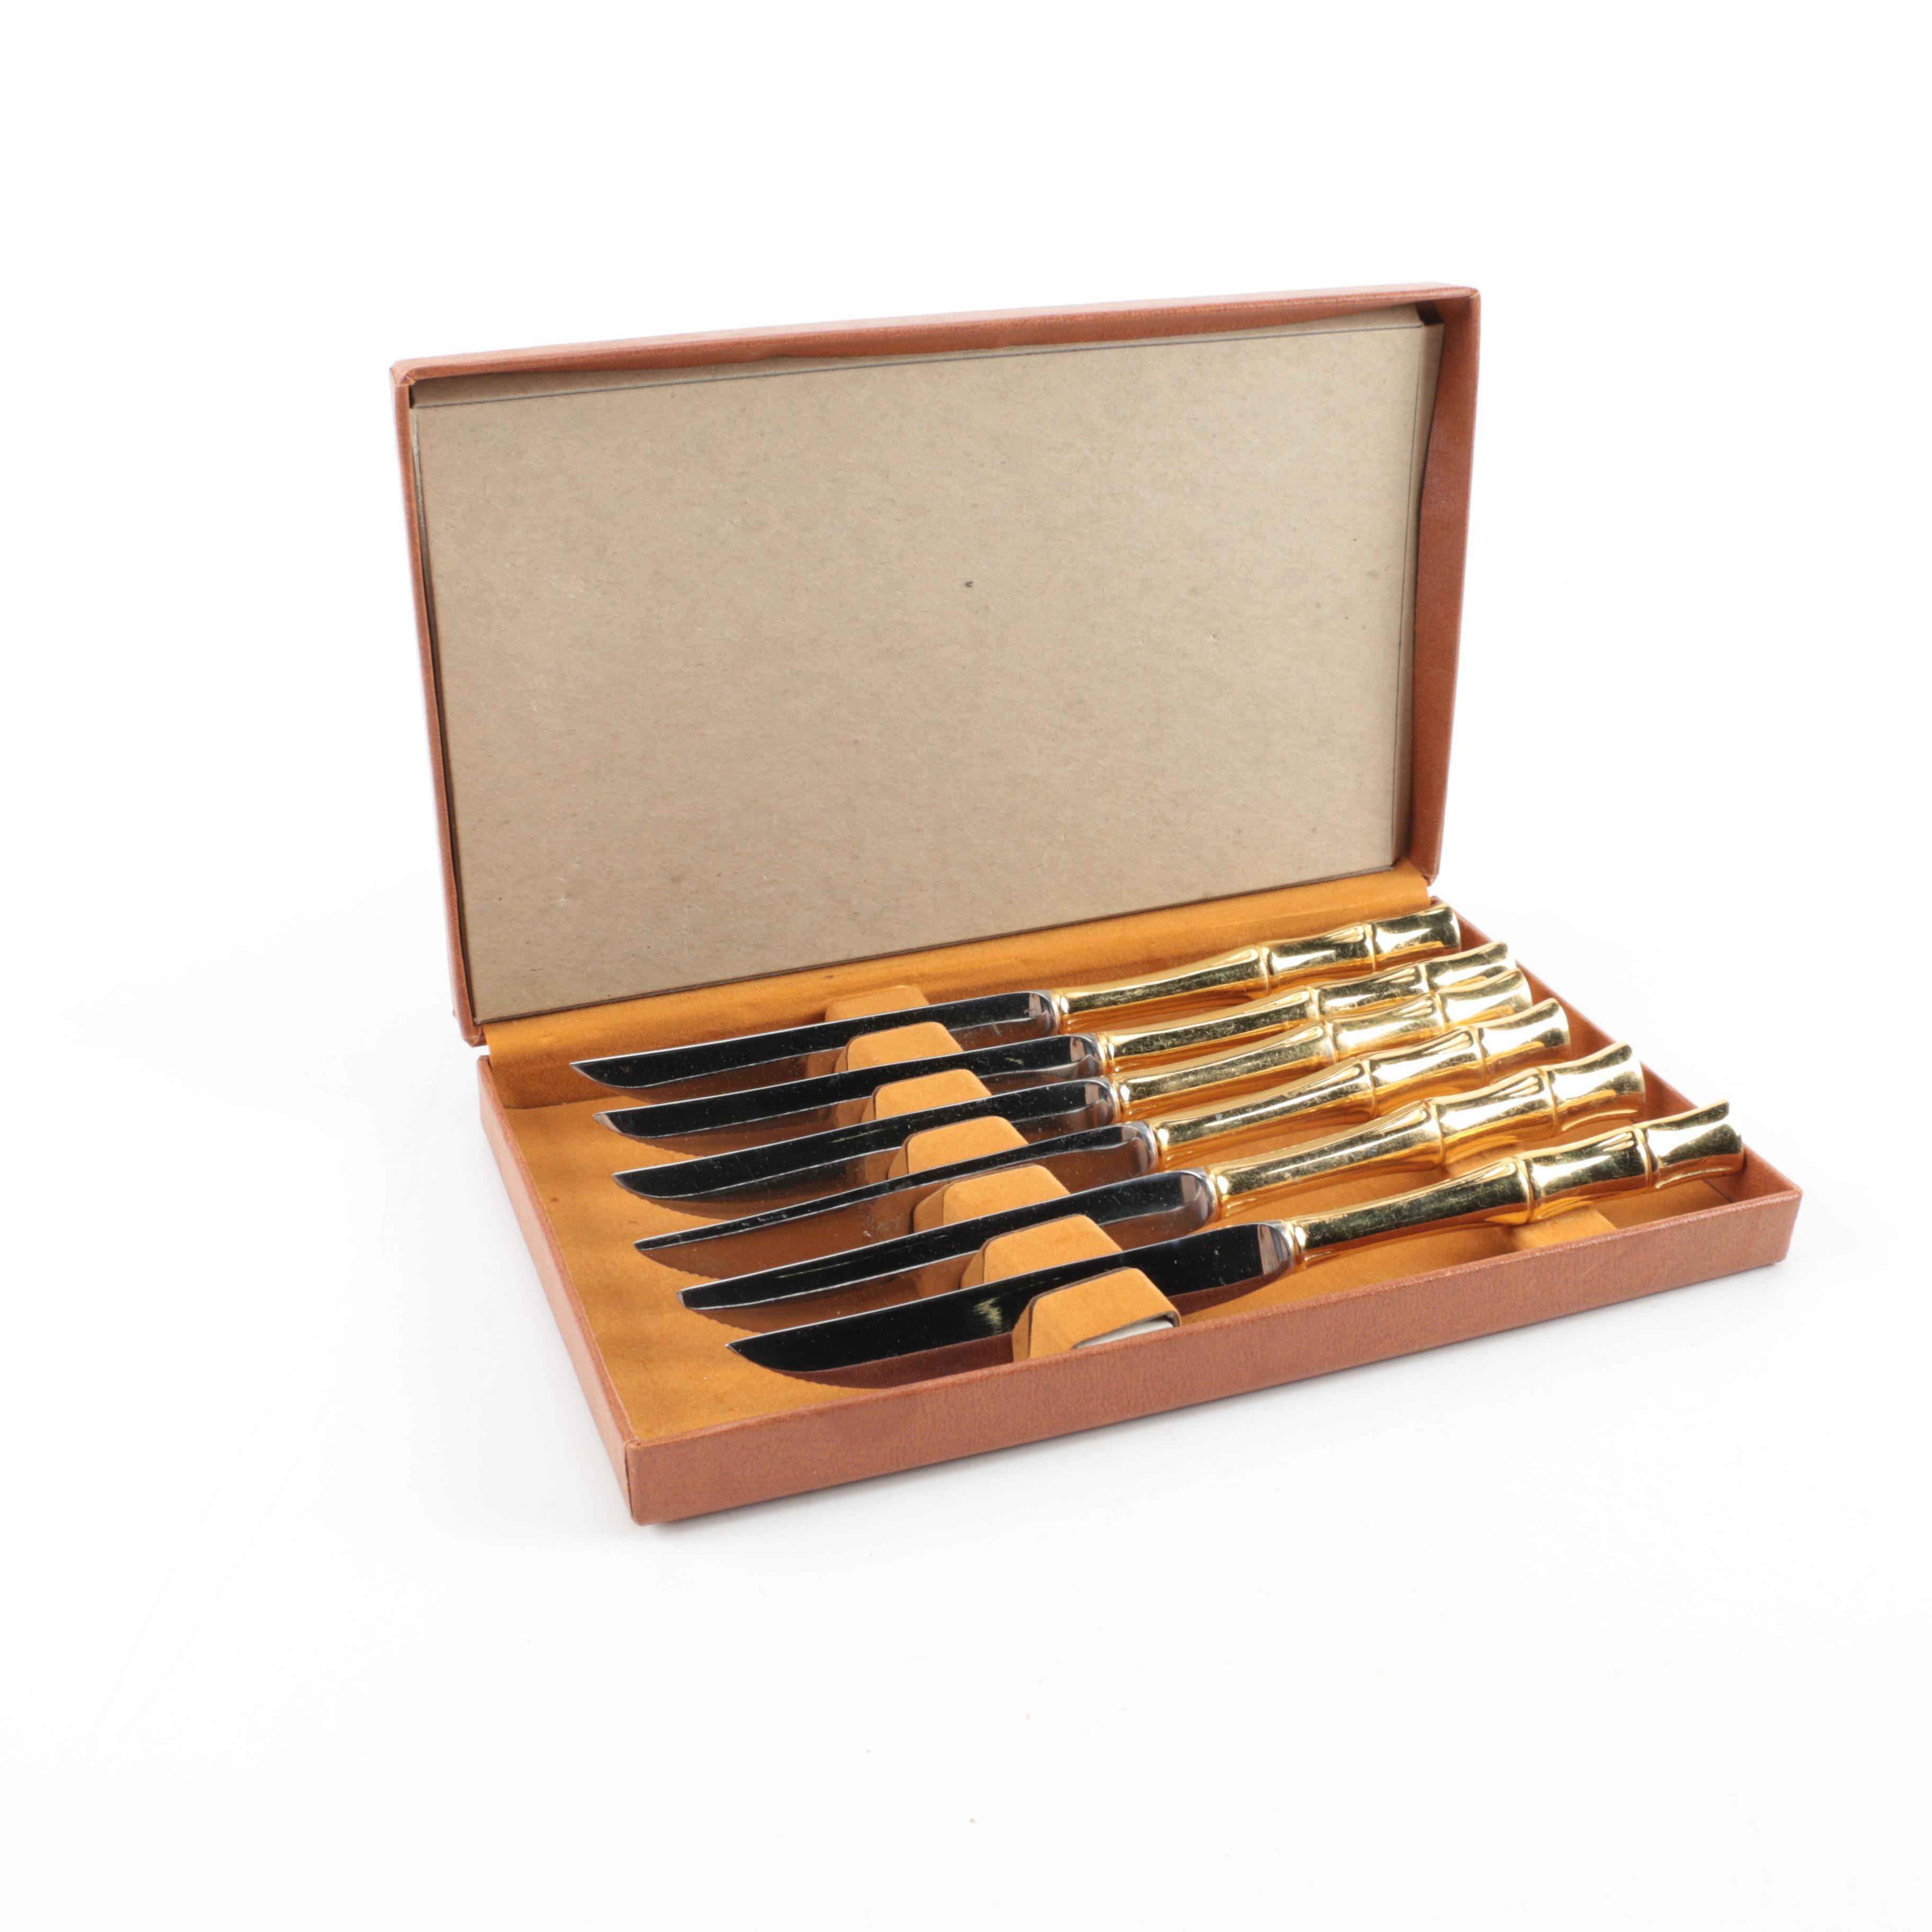 Brass-Handled Dinner Knife Set